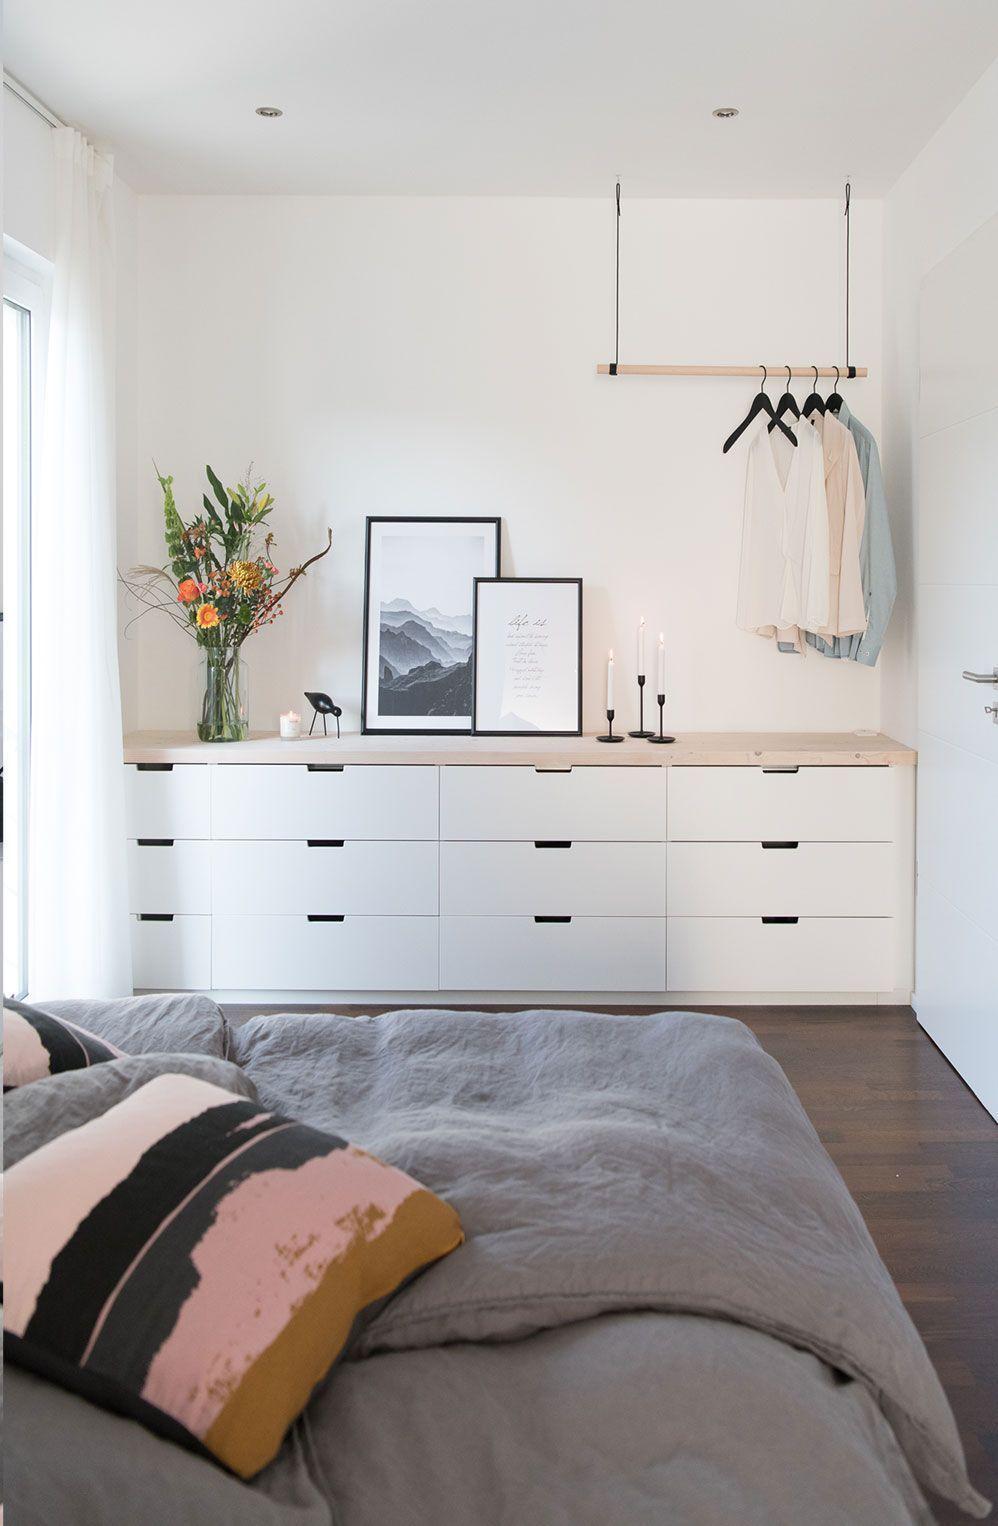 Schlafzimmer Mit Ikea Nordli Diy Mein Blog Mein Blog Blog Diy